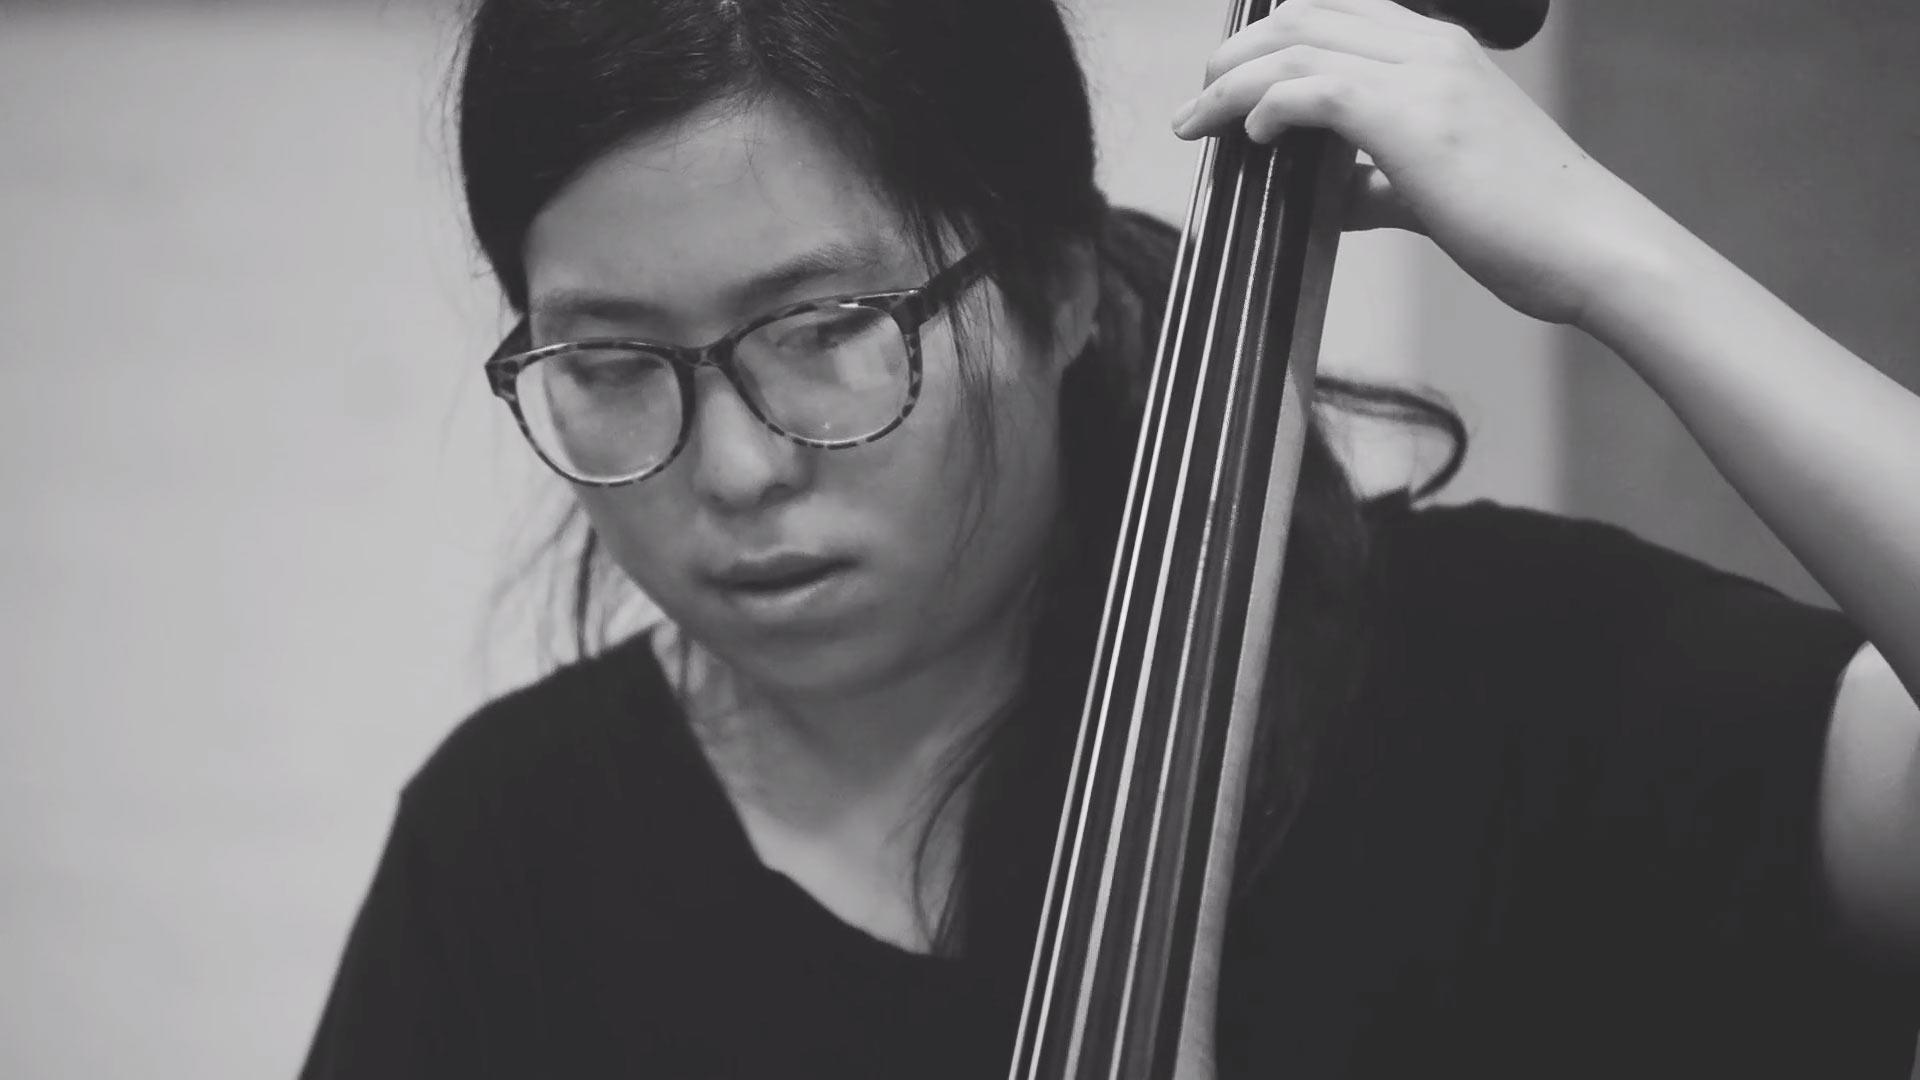 Jeong Lim Yang